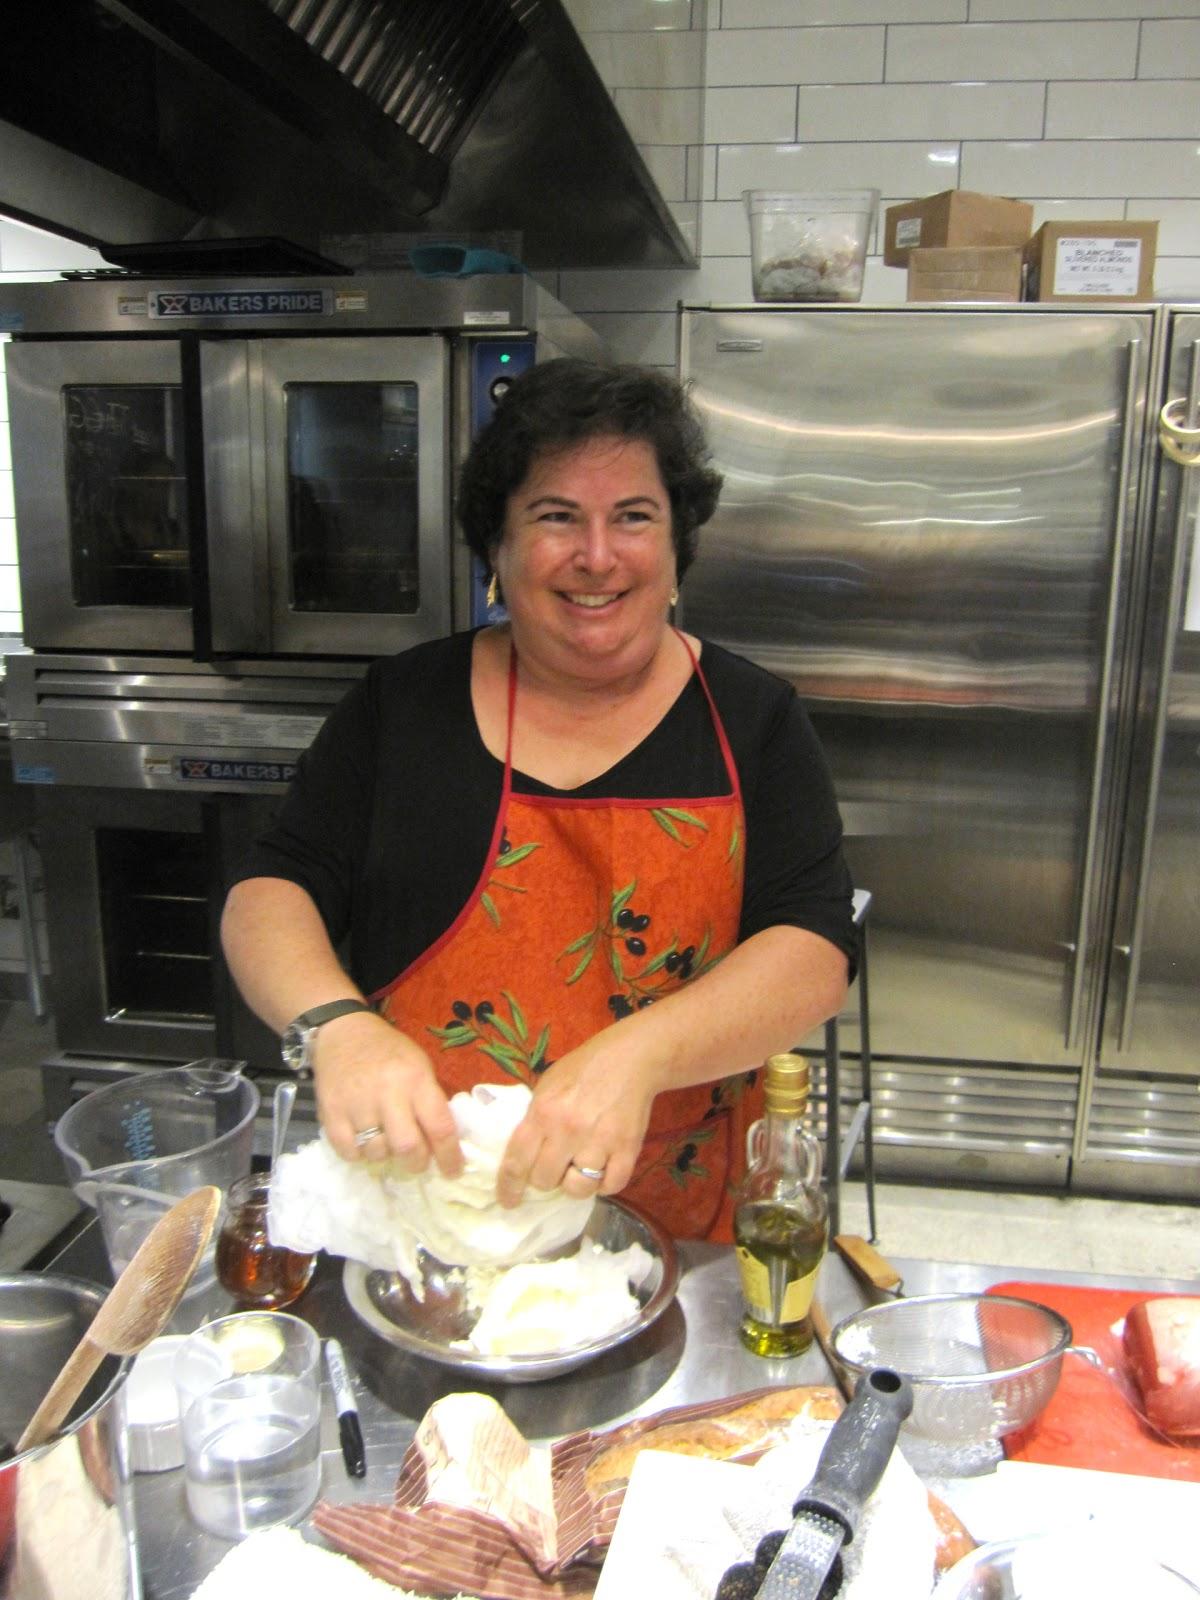 Teaching truffles: My Trufflepalooza cooking class